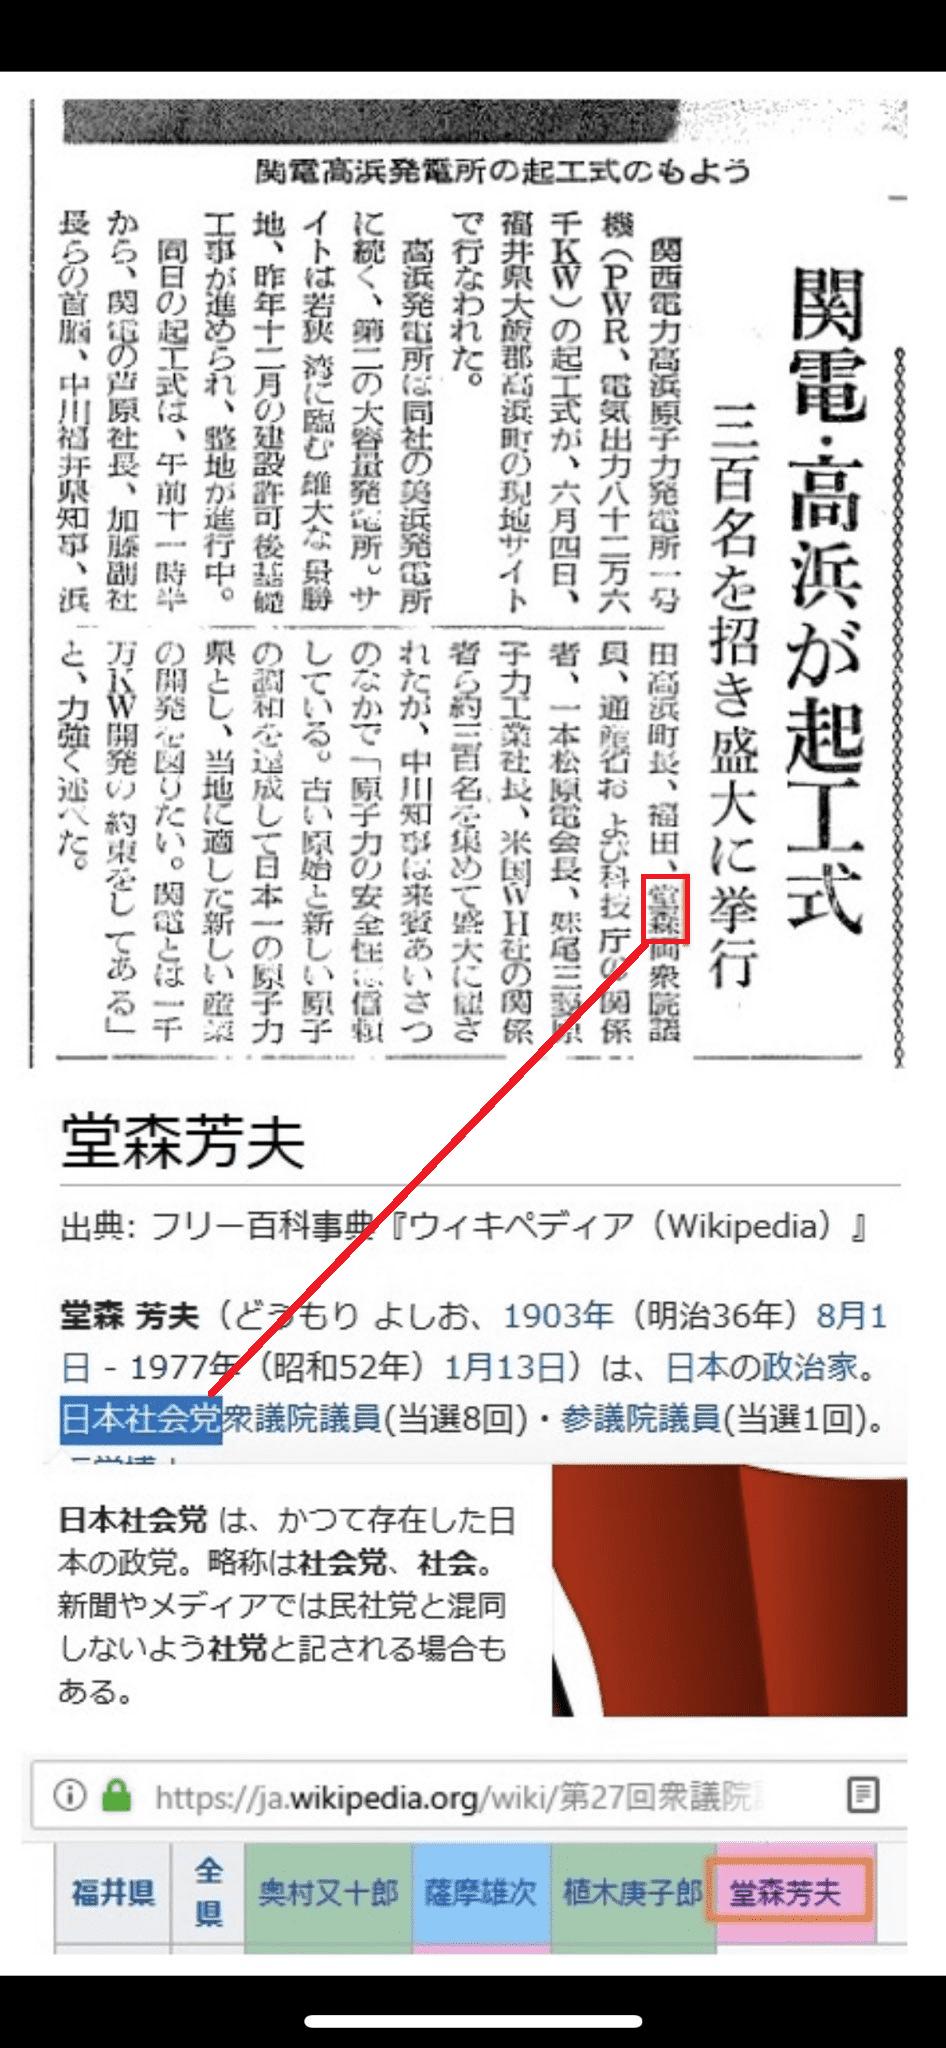 旧社会党堂森議員と高浜原発の関係 (1)